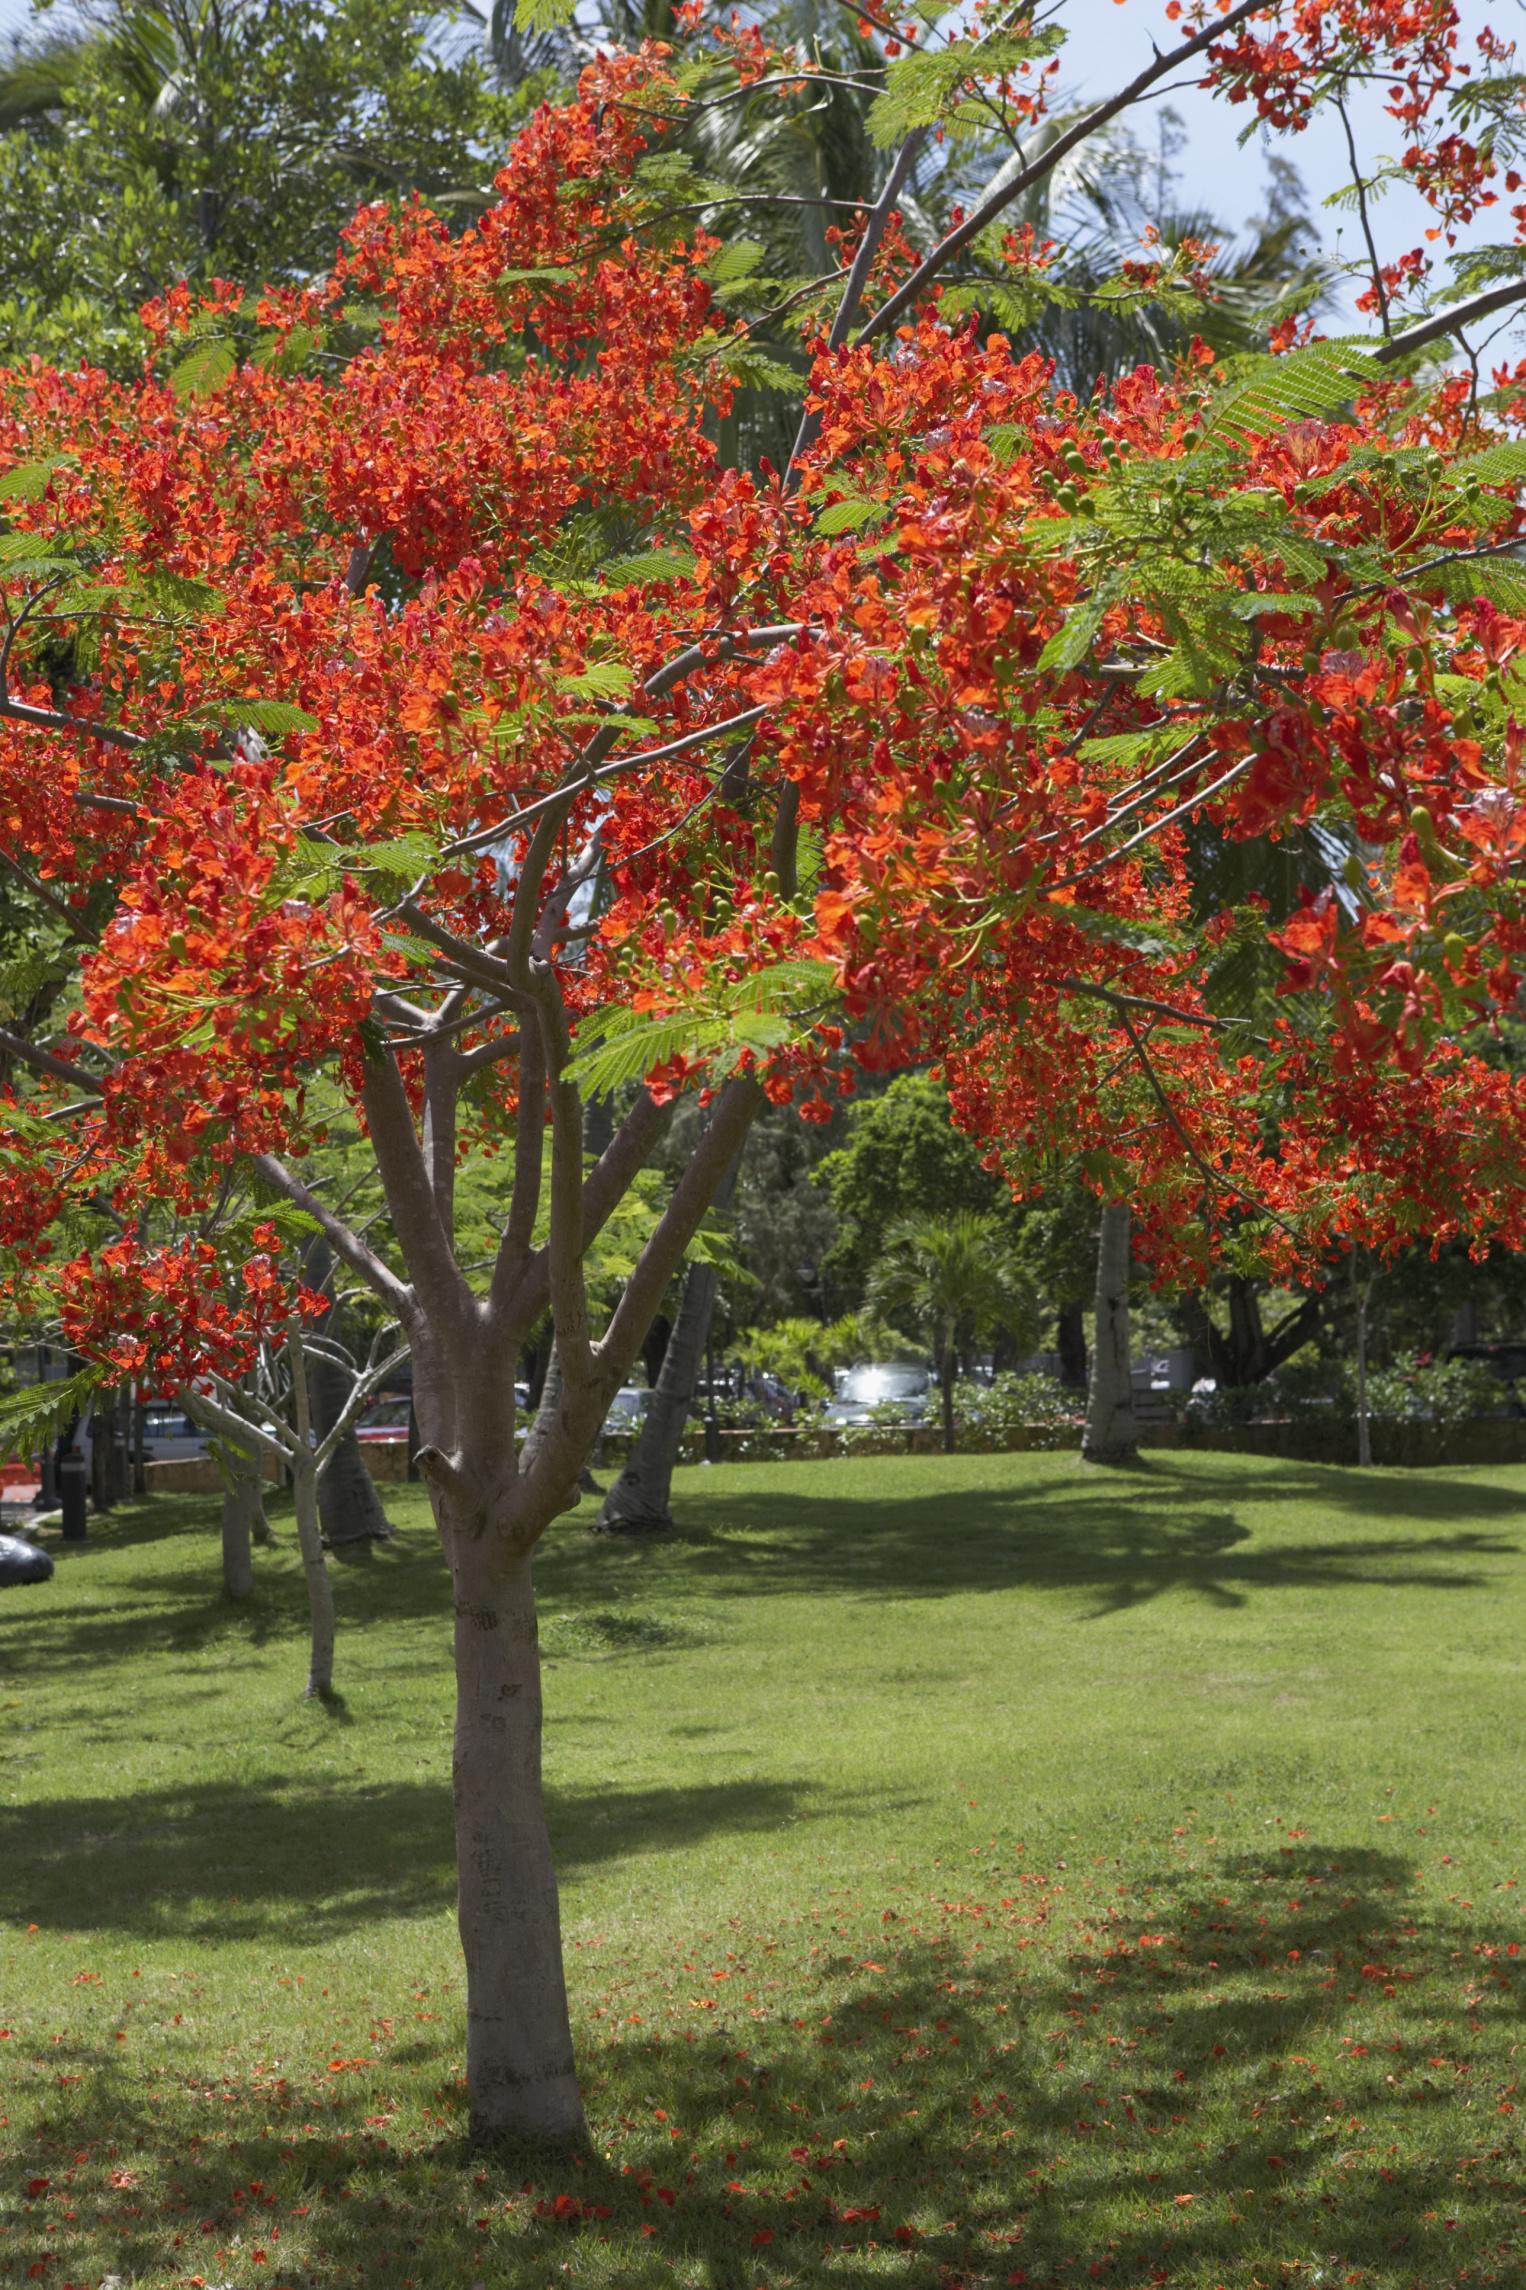 Royal Poinciana Bonsai : royal, poinciana, bonsai, Planting, Instructions, Royal, Poinciana